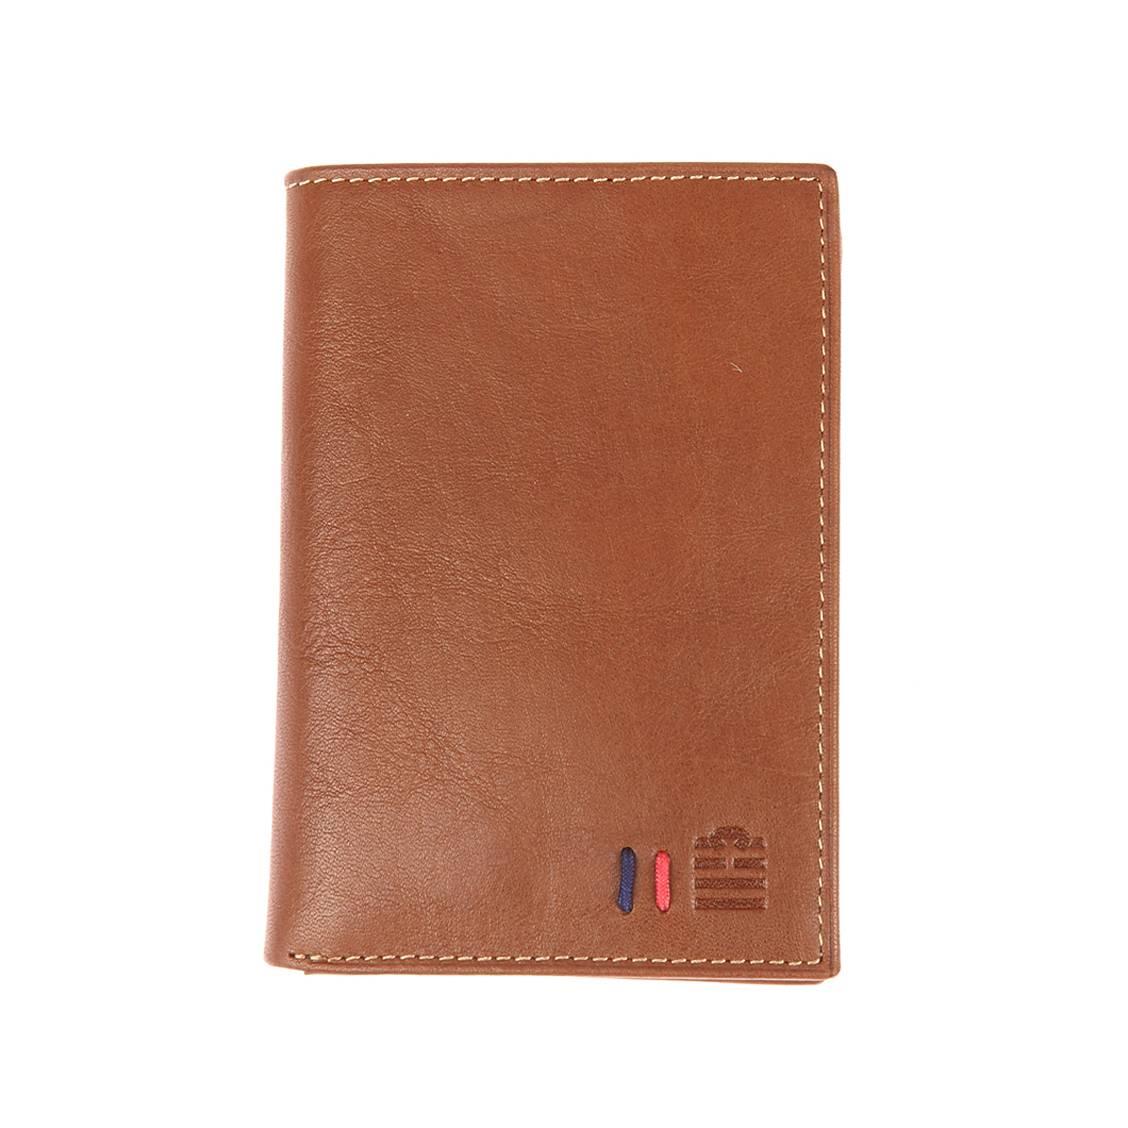 Petit portefeuille européen 2 volets Serge Blanco en cuir noir wadUq26QY